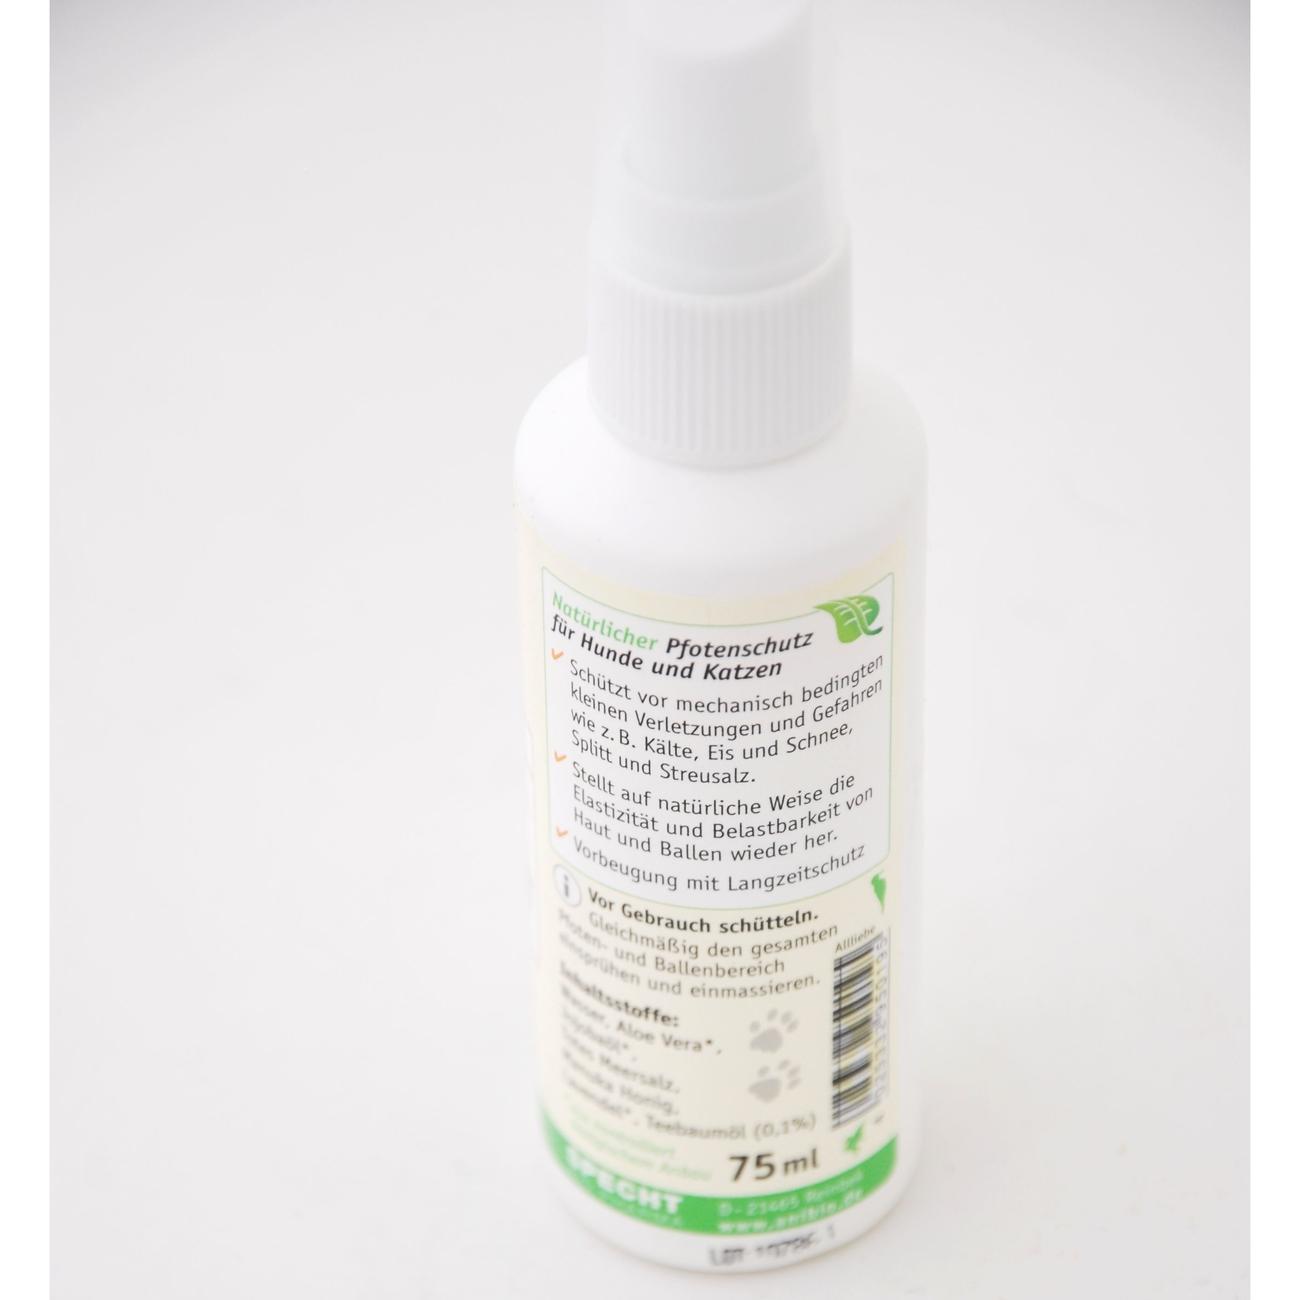 Anibio Pfotenschutz Spray für Hunde und Katzen, Bild 2